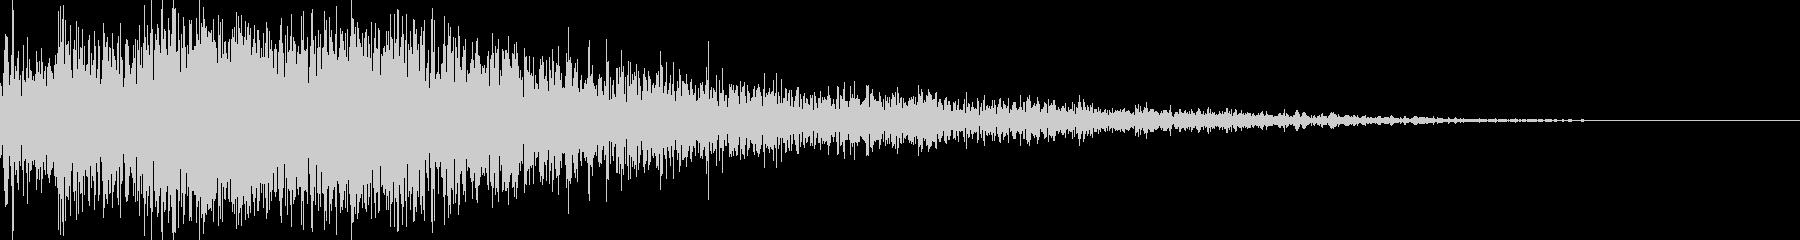 ロボット足音 タイプ11の未再生の波形